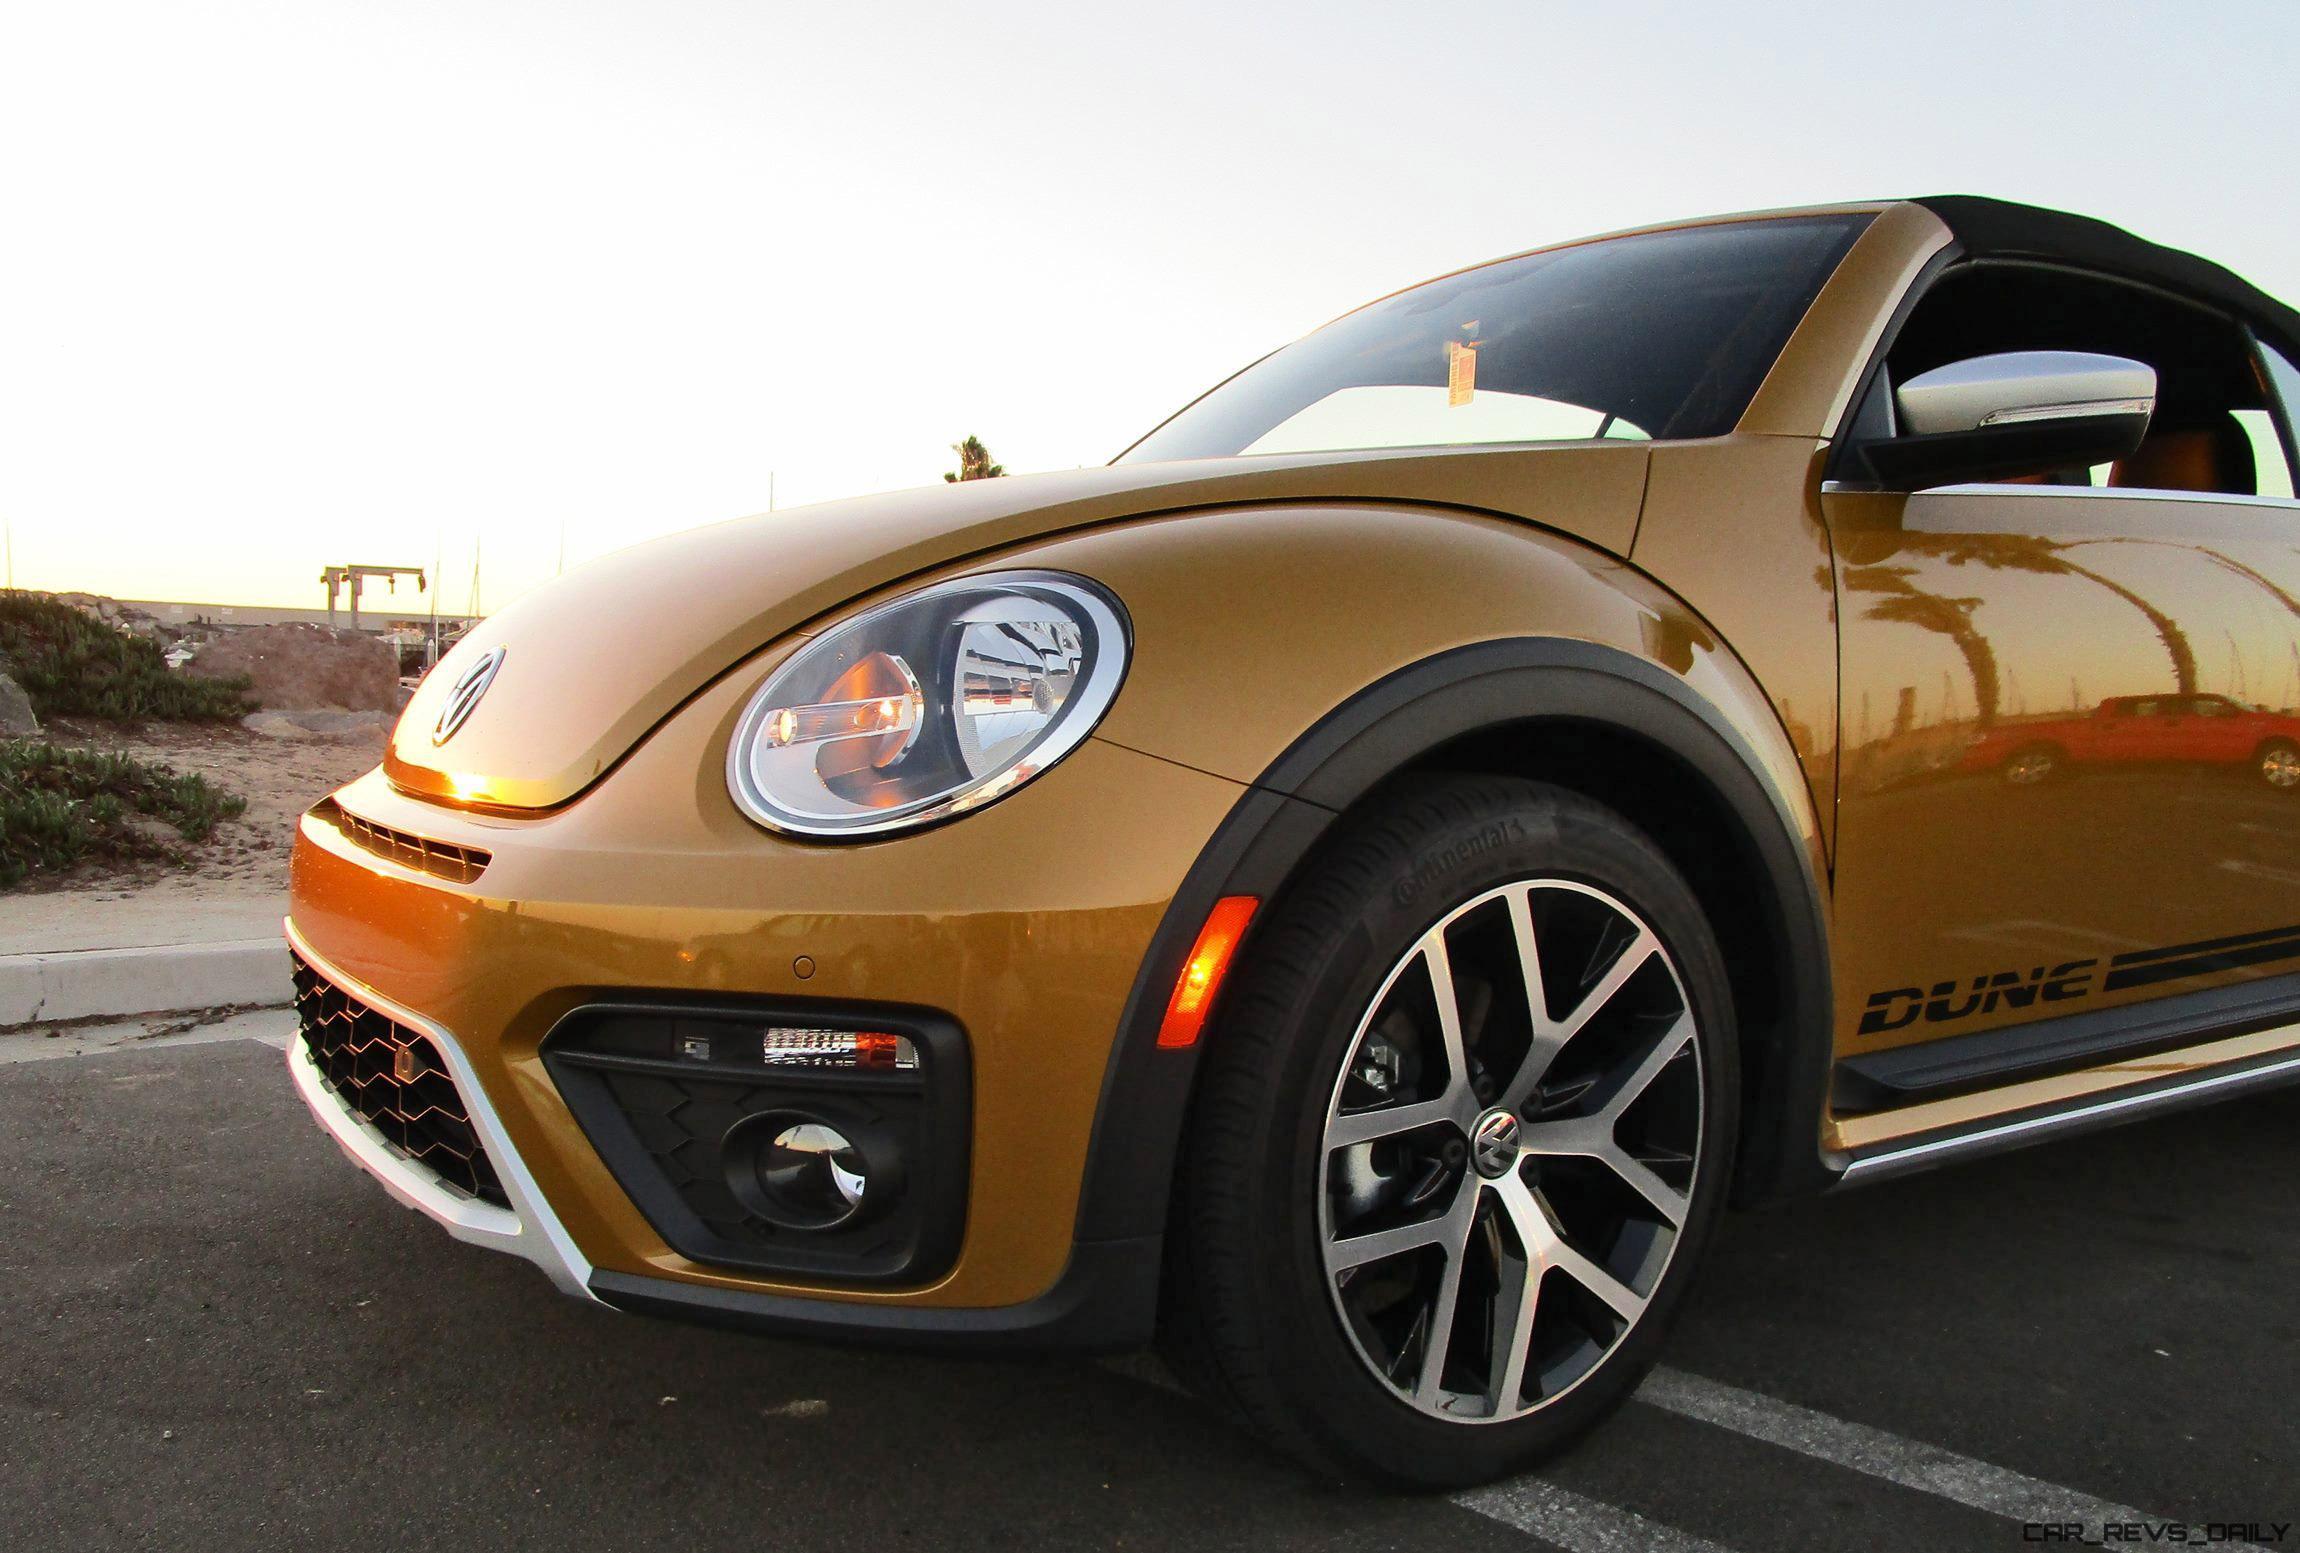 2017 vw beetle dune cabriolet road test review by ben lewis. Black Bedroom Furniture Sets. Home Design Ideas